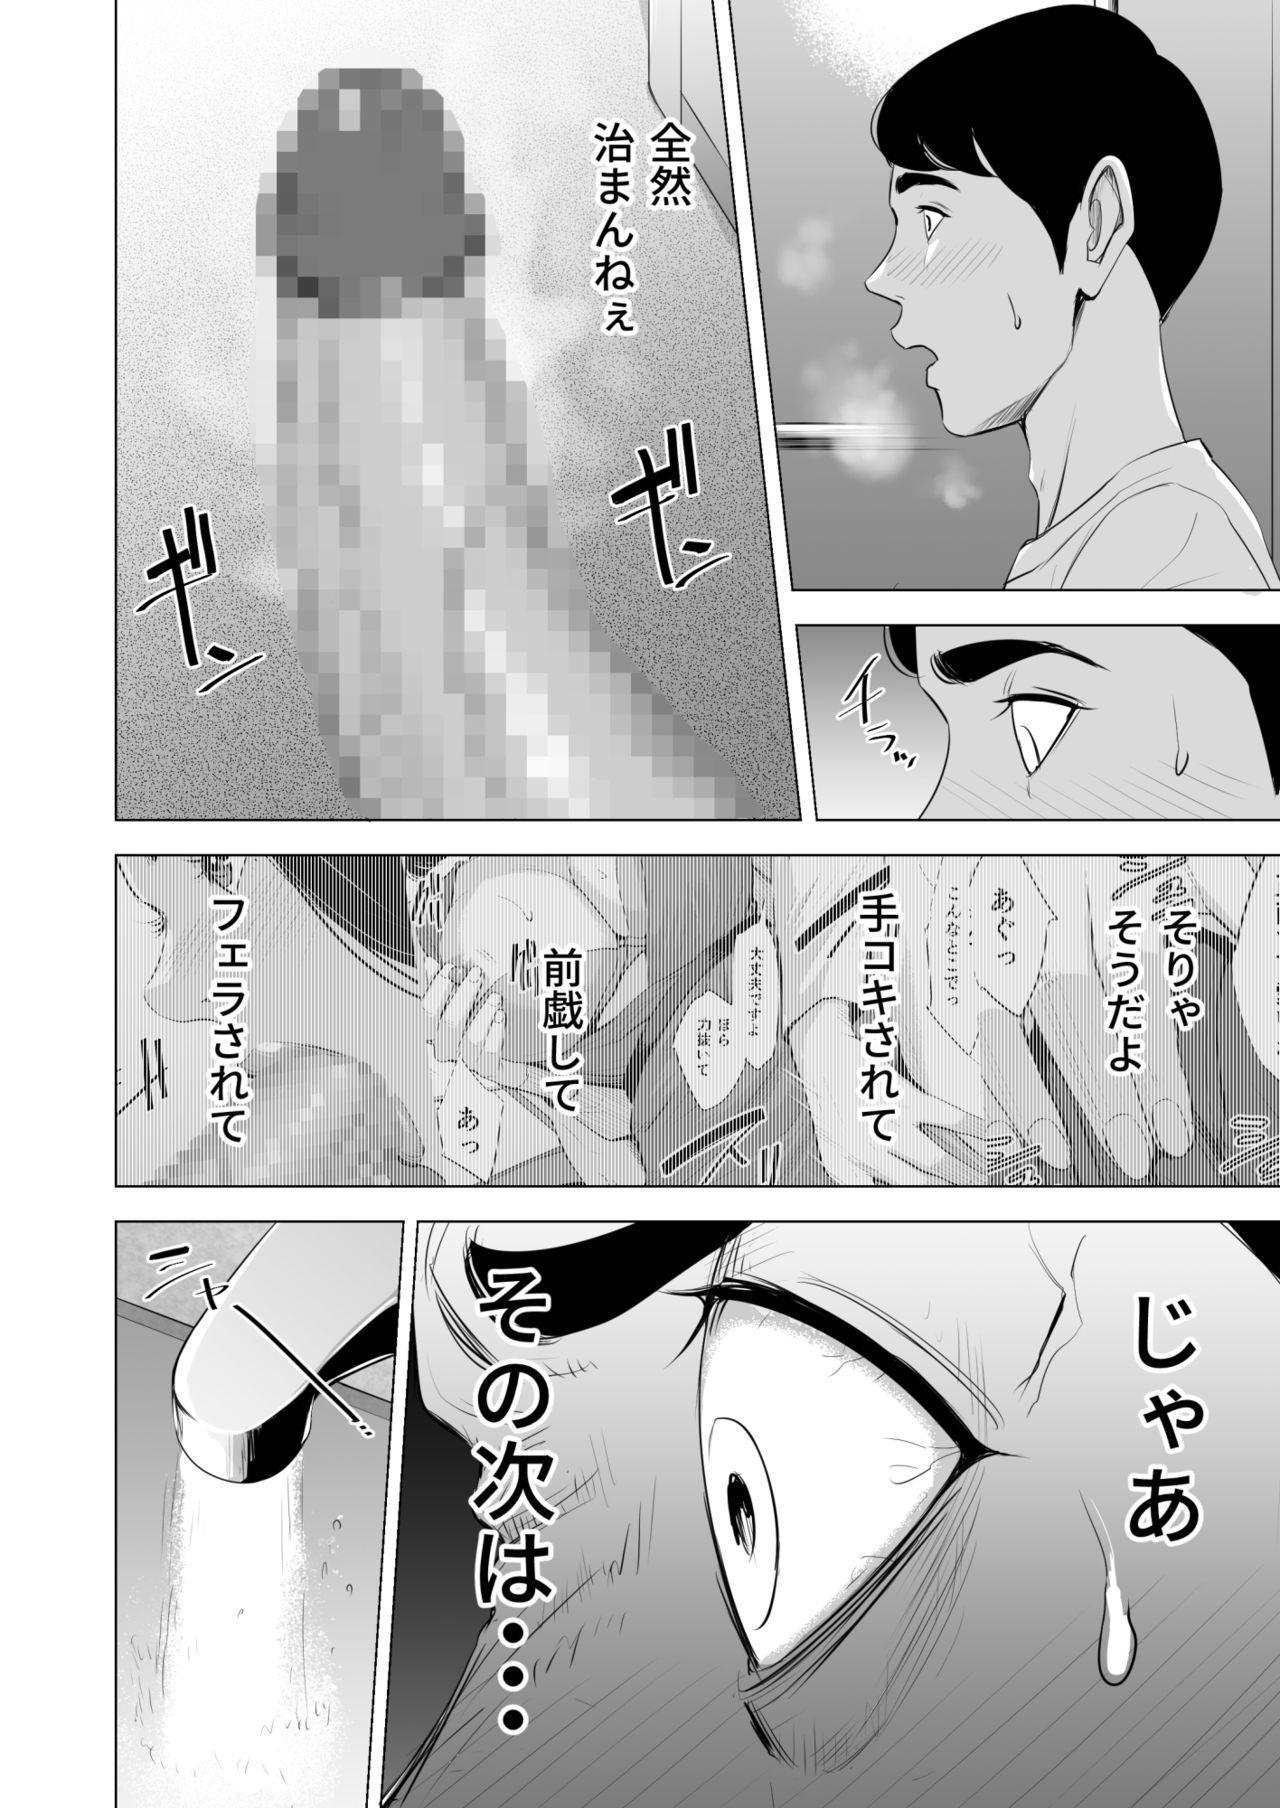 Shinkansen de Nani shiteru!? 37